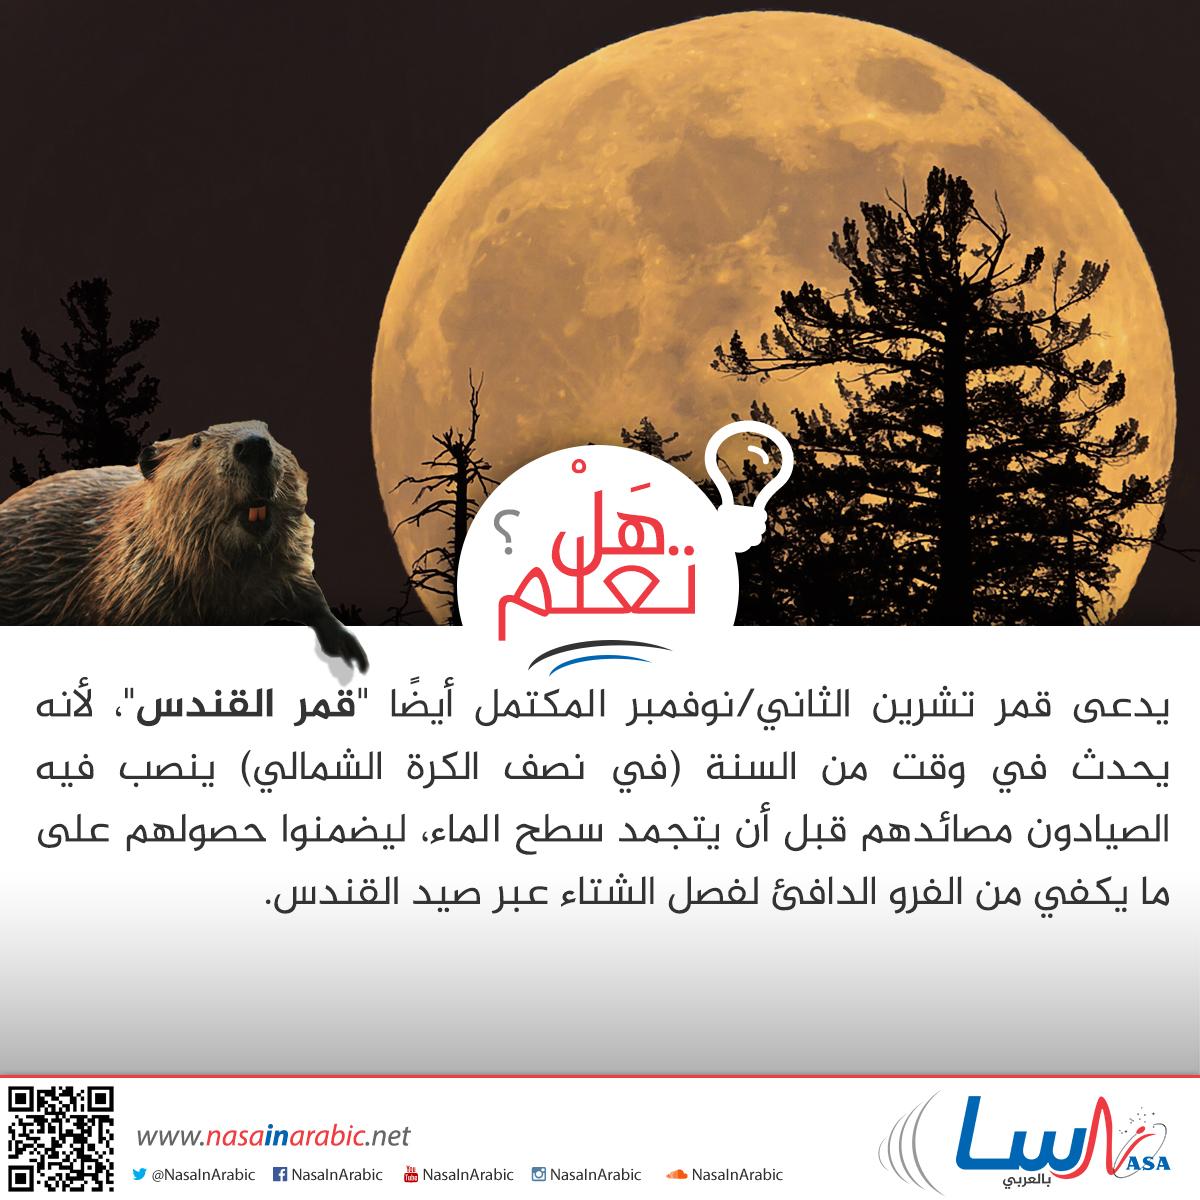 تسمية القمر المكتمل